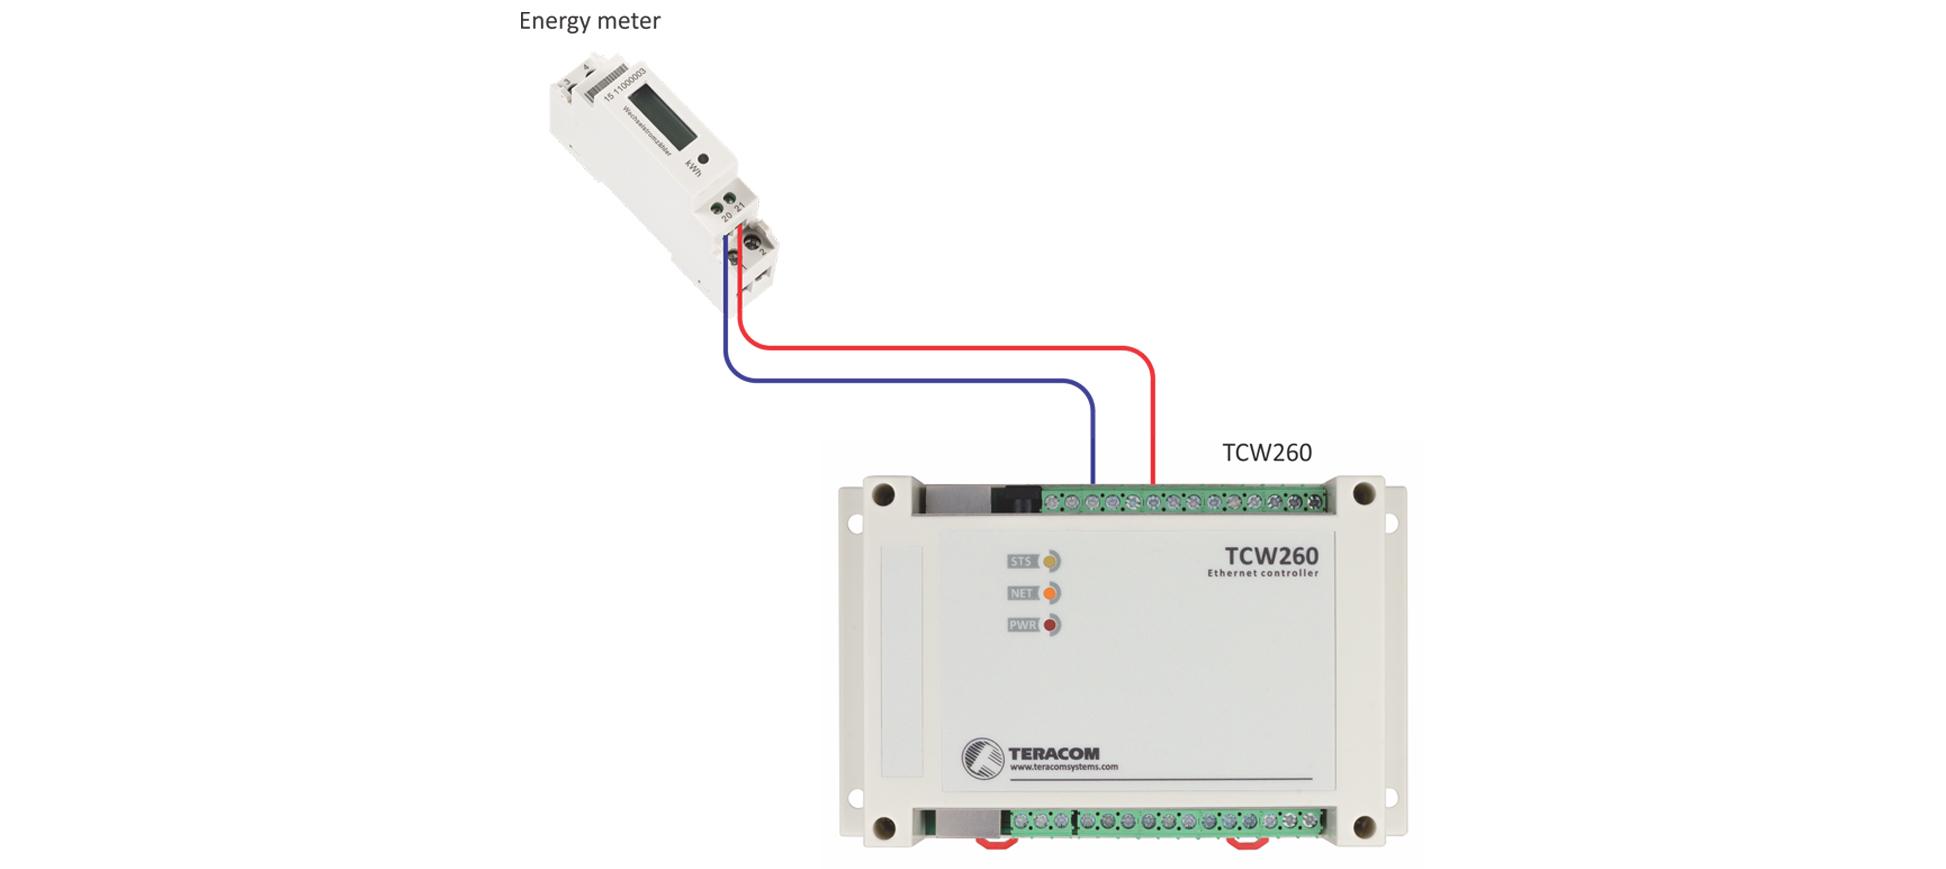 tcw260-appl-2